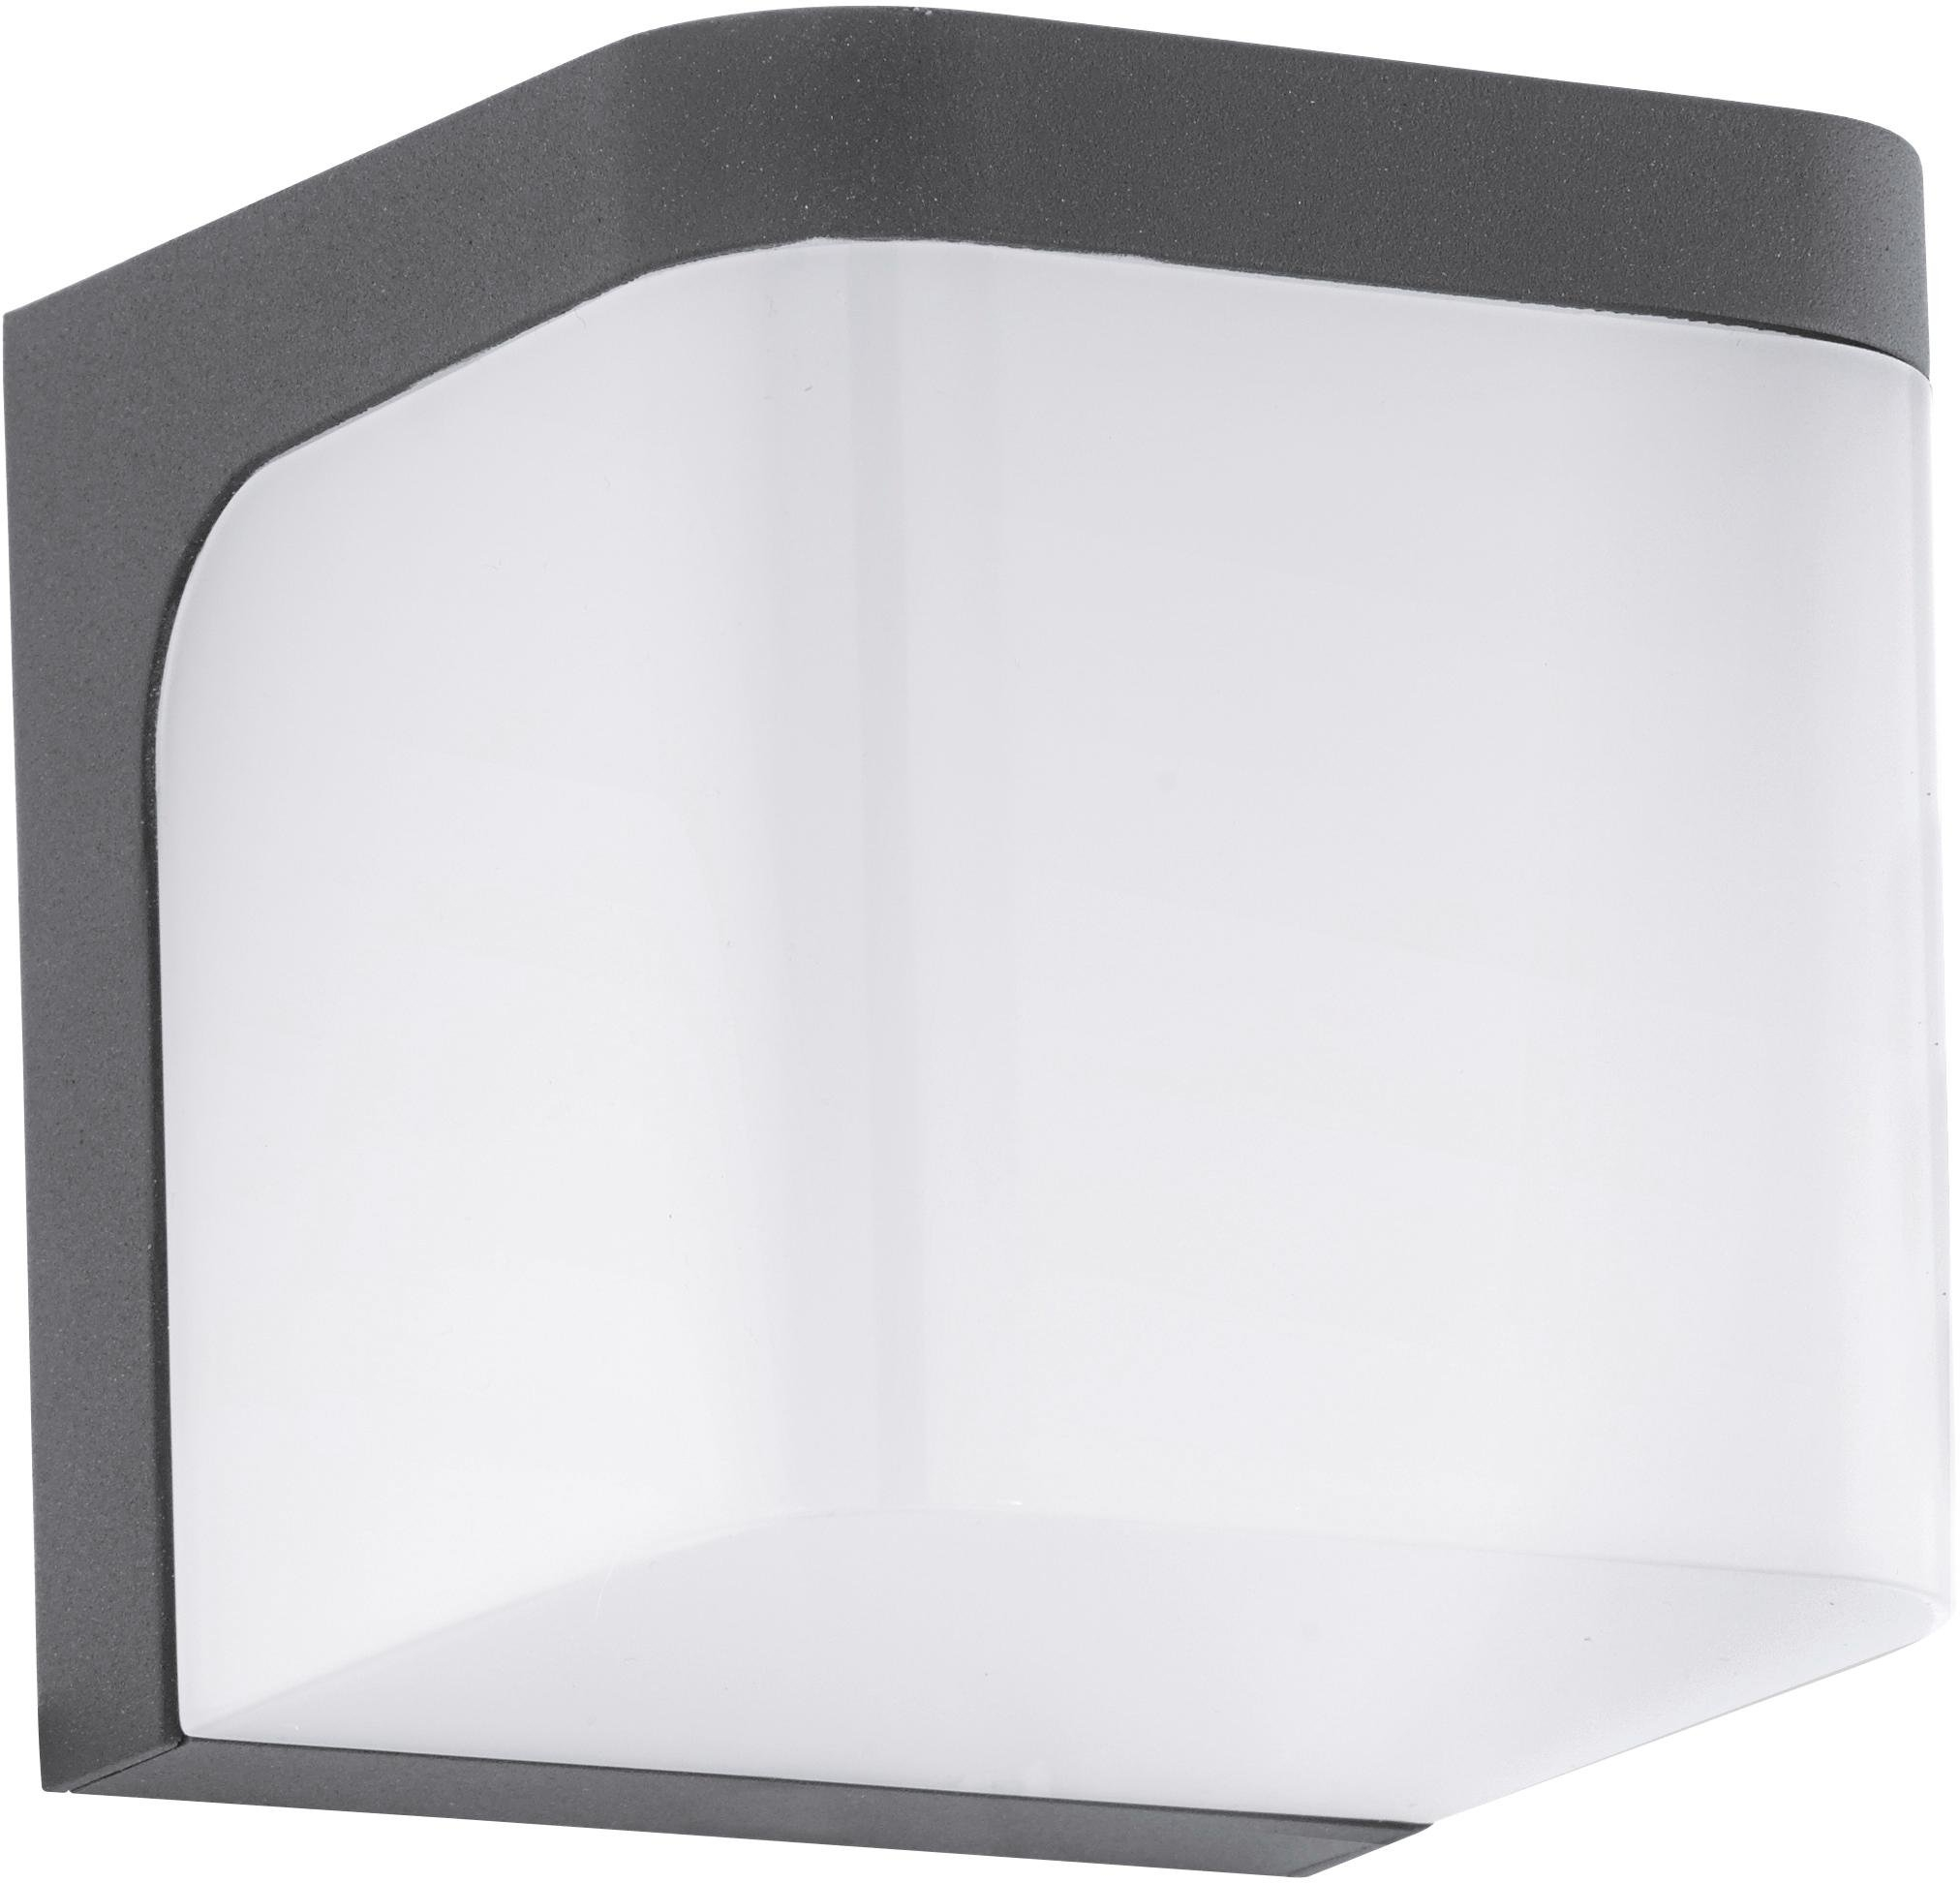 EGLO led-wandlamp voor buiten JORBA voordelig en veilig online kopen